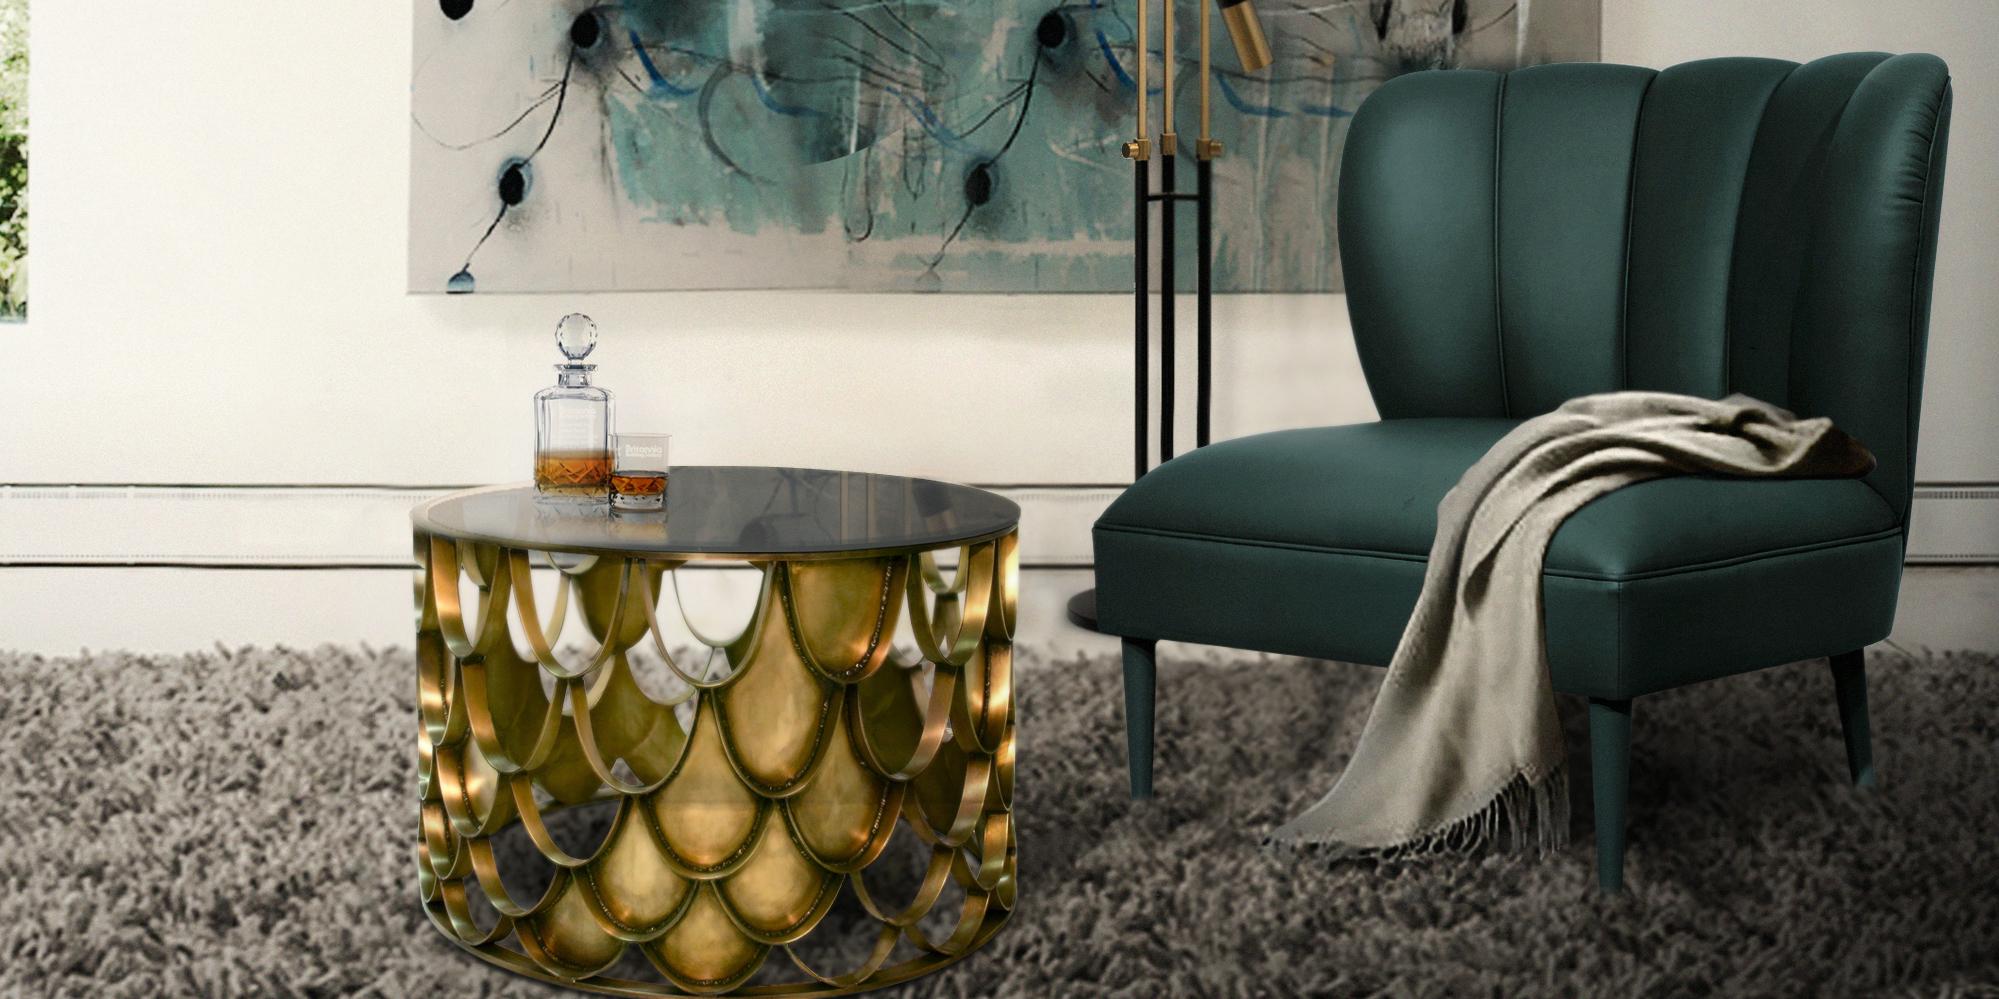 muebles de lujo ¡Descubra muebles de lujo imprescindibles con 50% de descuento y más! 4e2659975638a1b53b9ae9632e21aad4